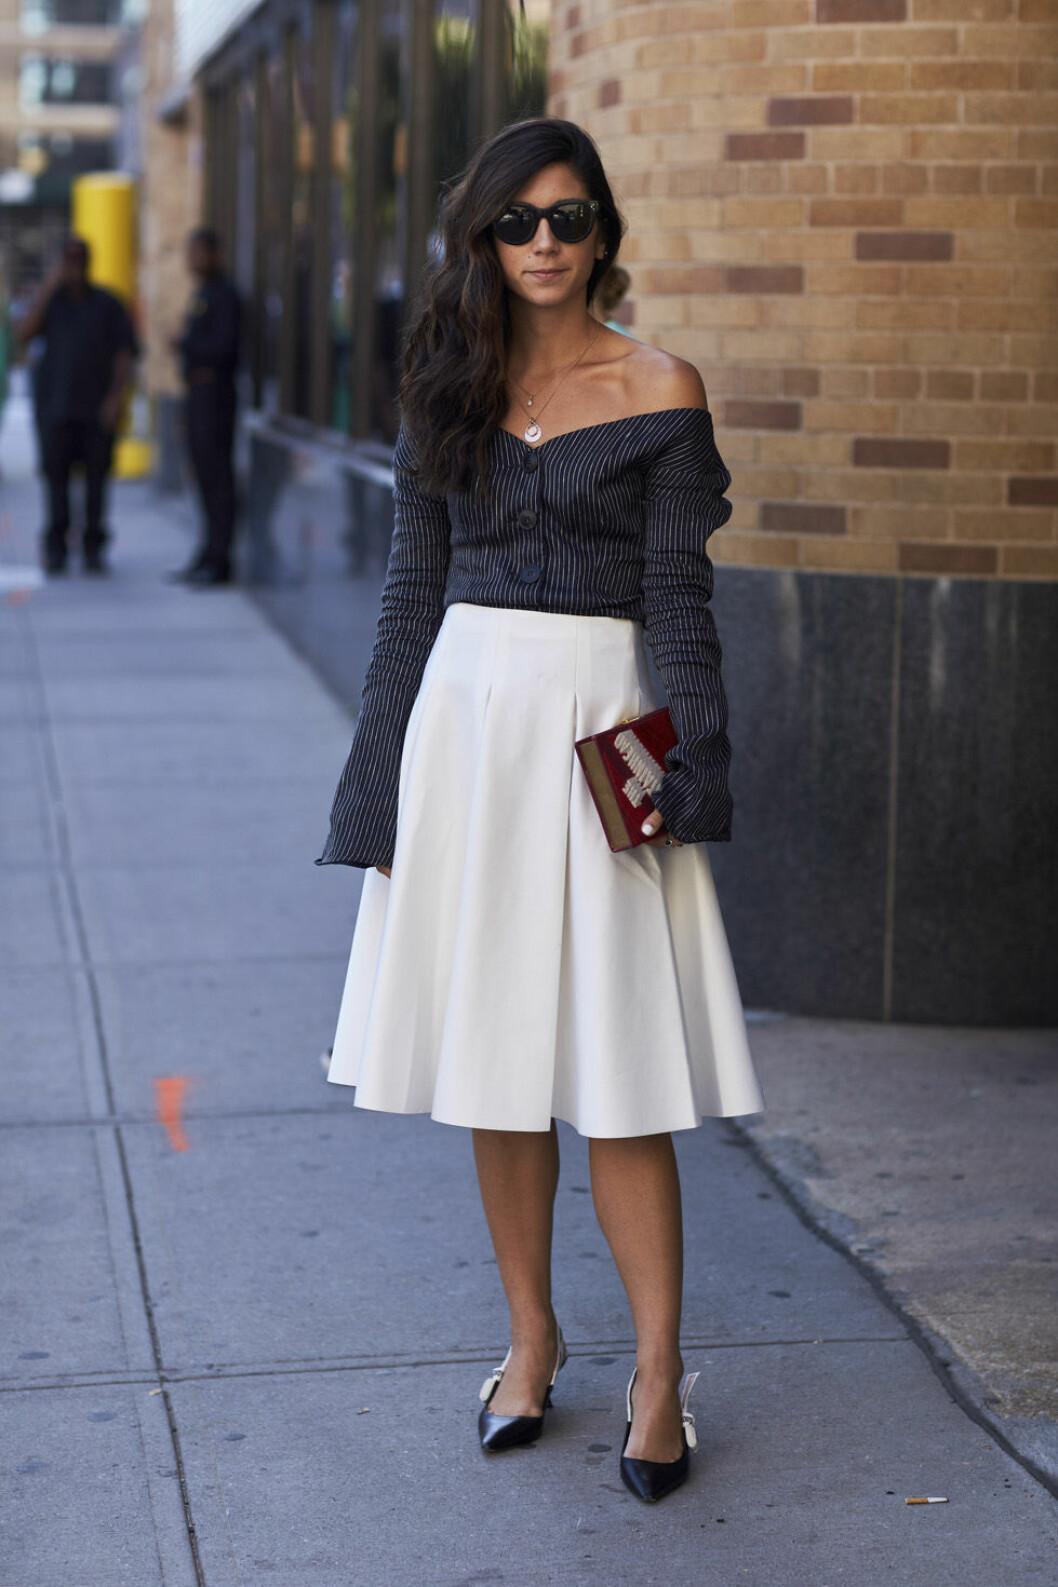 Vit kjol och randig skjorta.